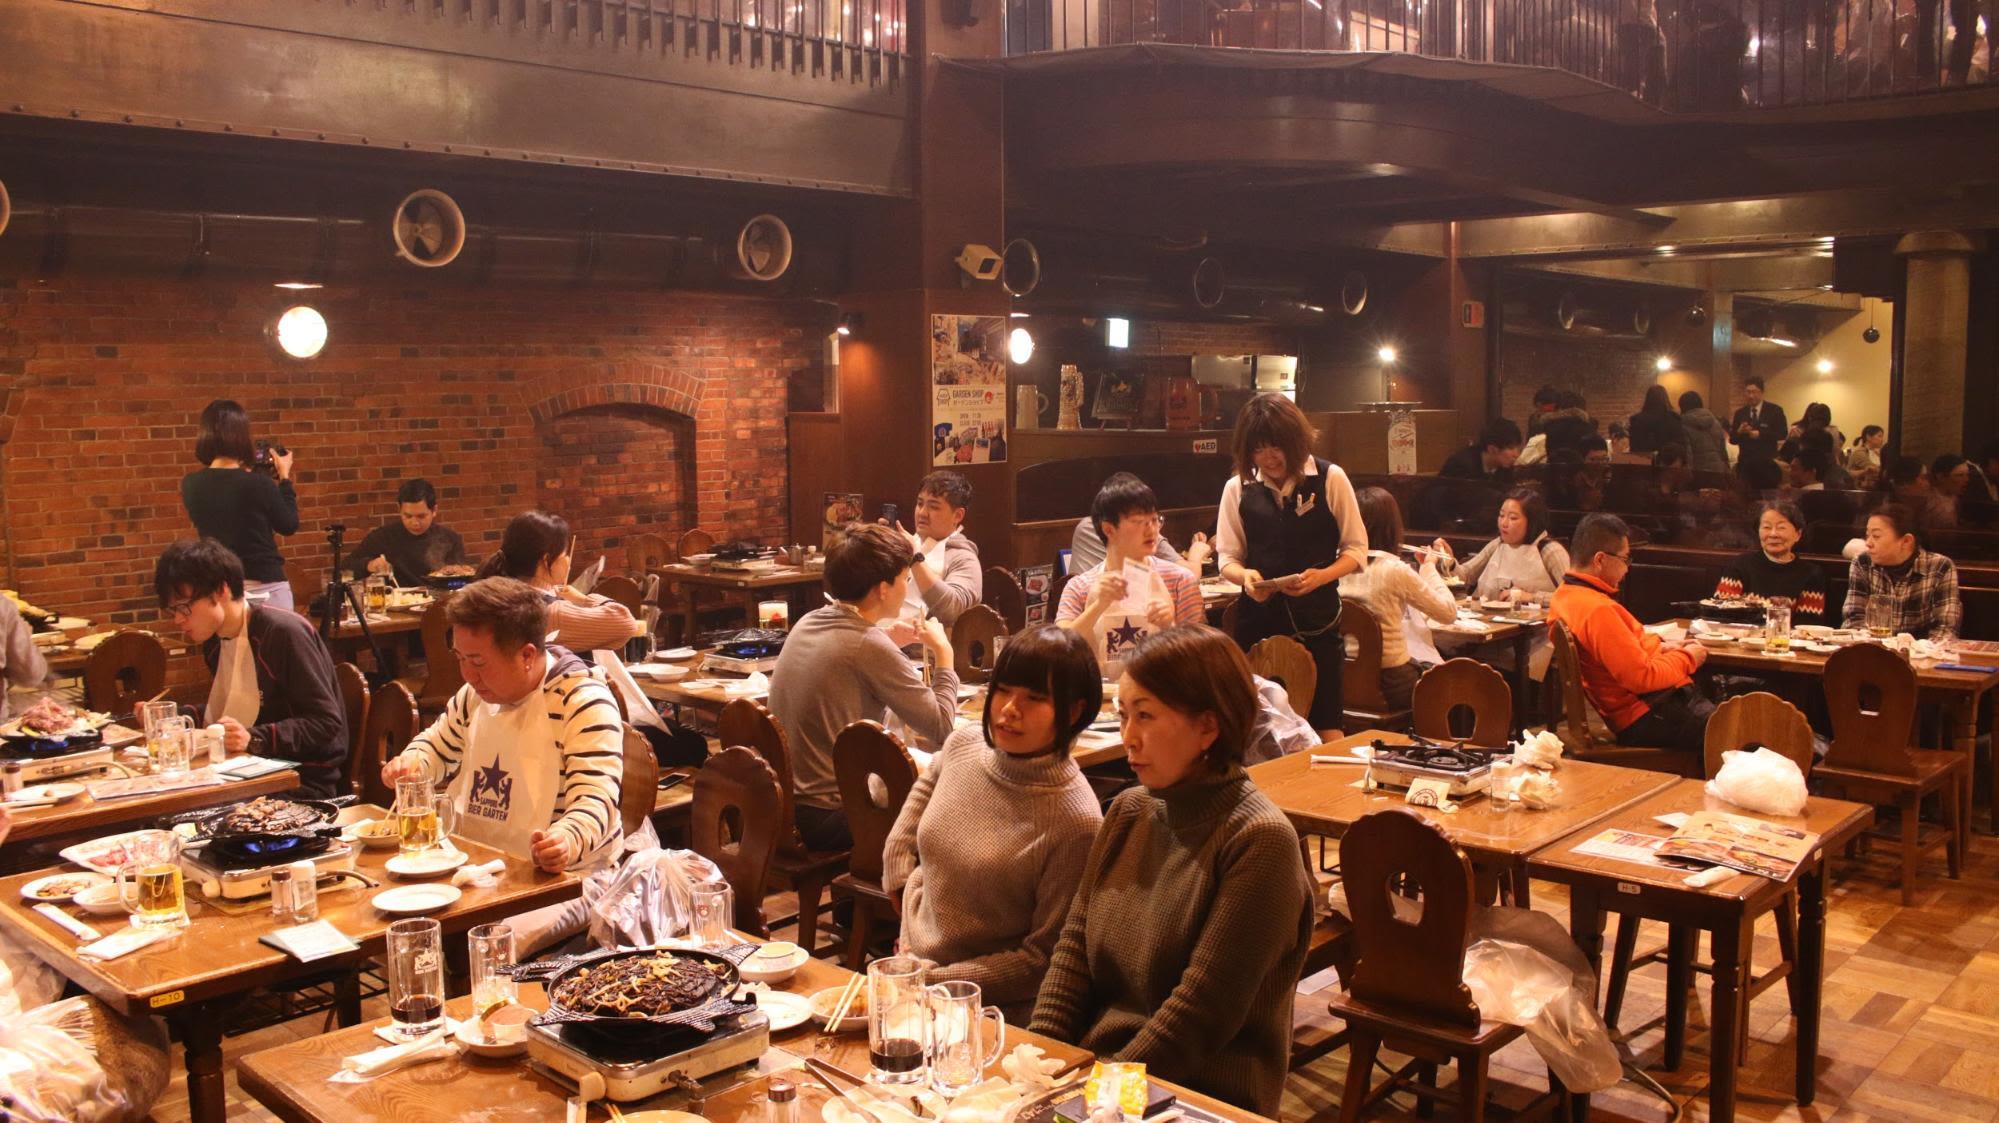 sapporo beer garden là một trong những nơi thưởng thức ẩm thực hokkaido